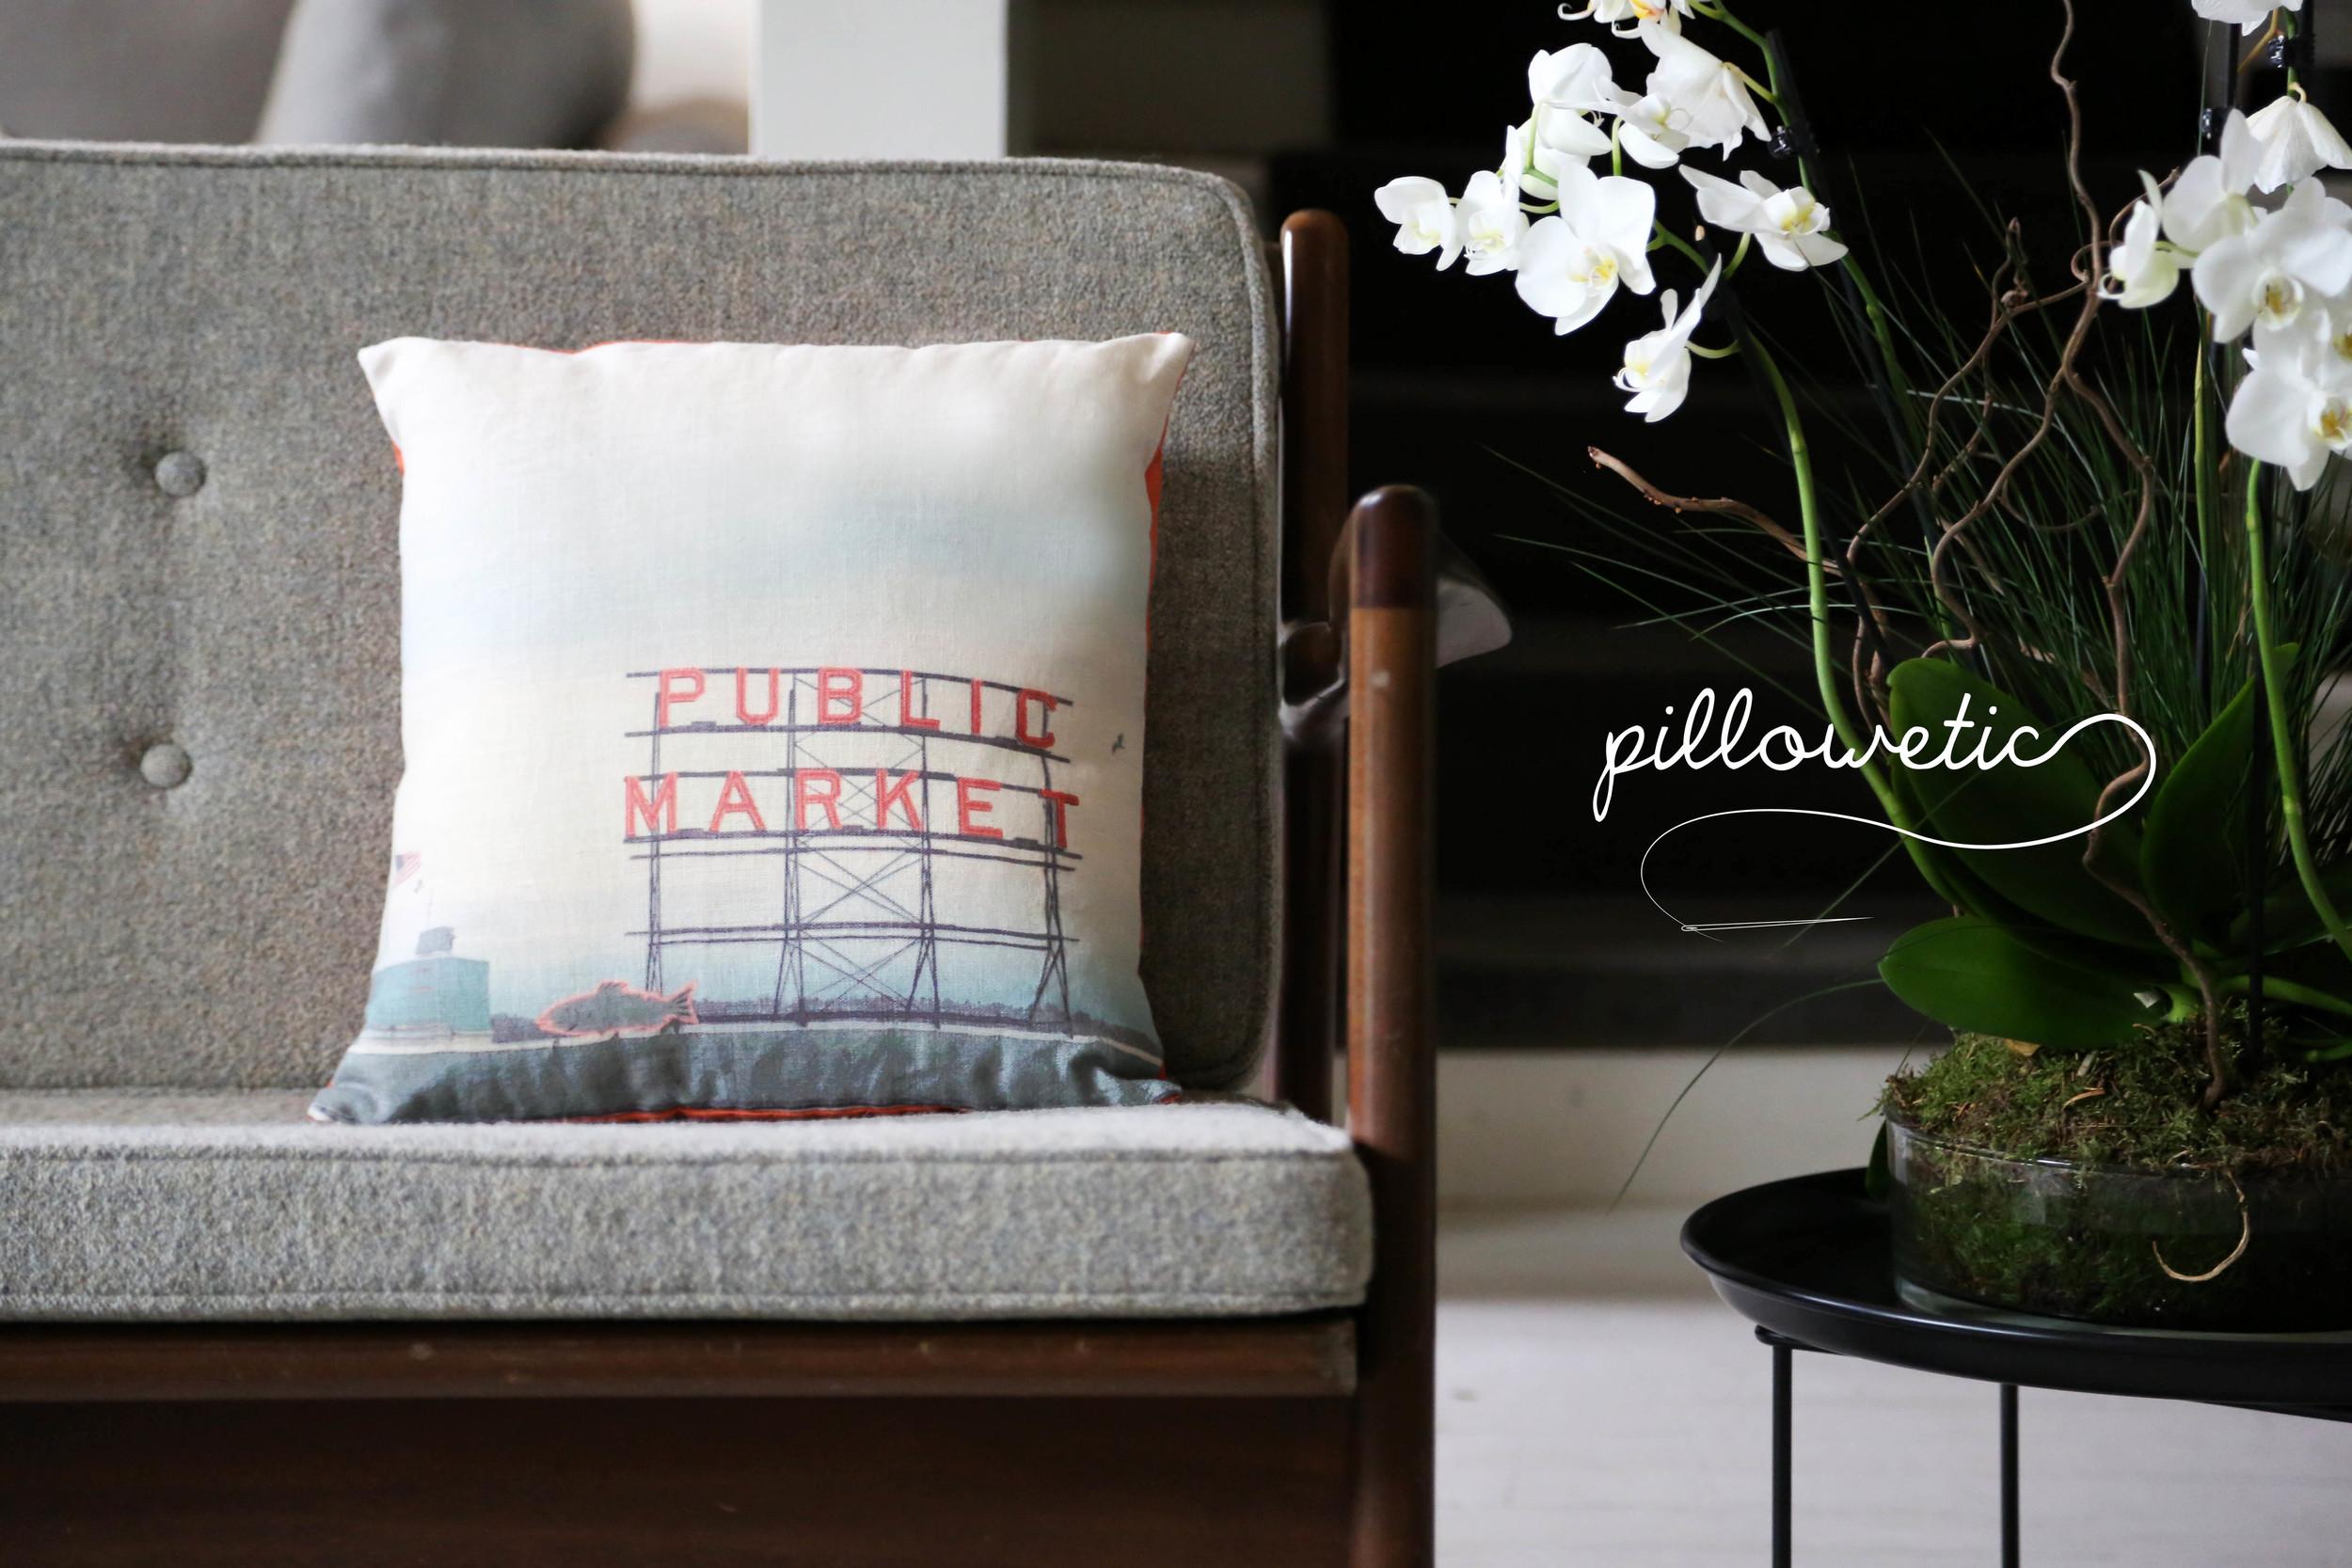 pillow+logo1.jpeg